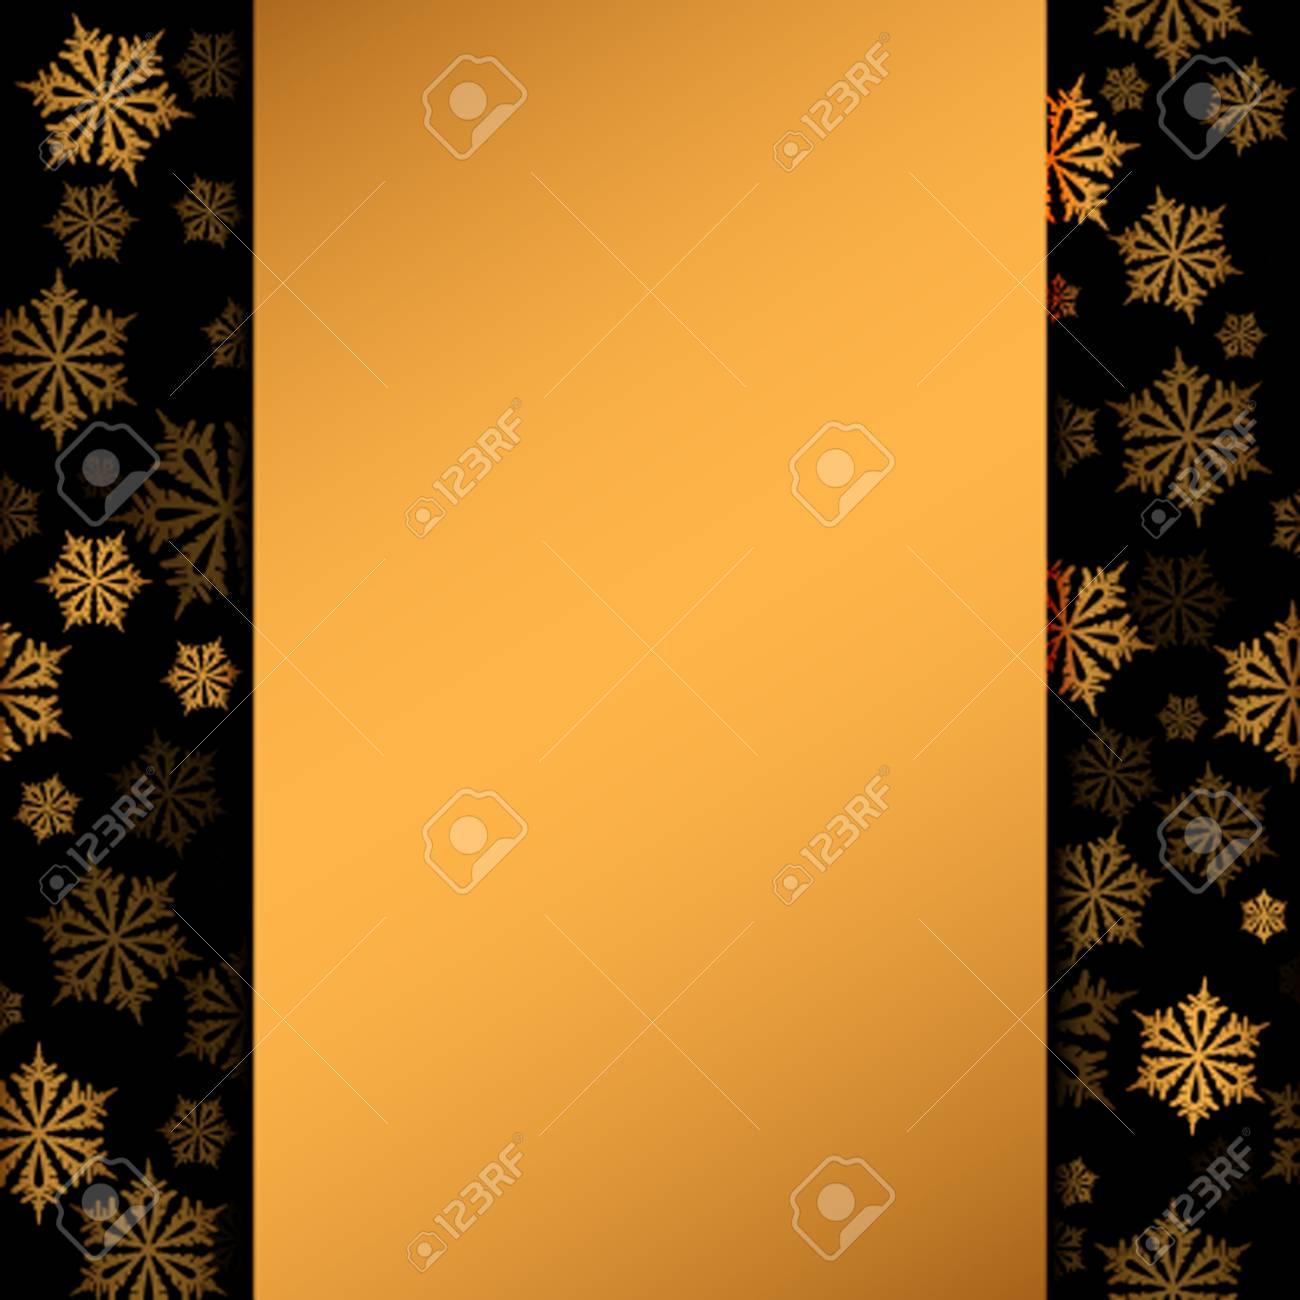 Image Ou Photo De Noel.Carte De Noel Vierge Ou Une Lettre Au Pere Noel Un Modele De Brochure Ou Des Invitations Avec Des Flocons De Neige Illustration Vectorielle